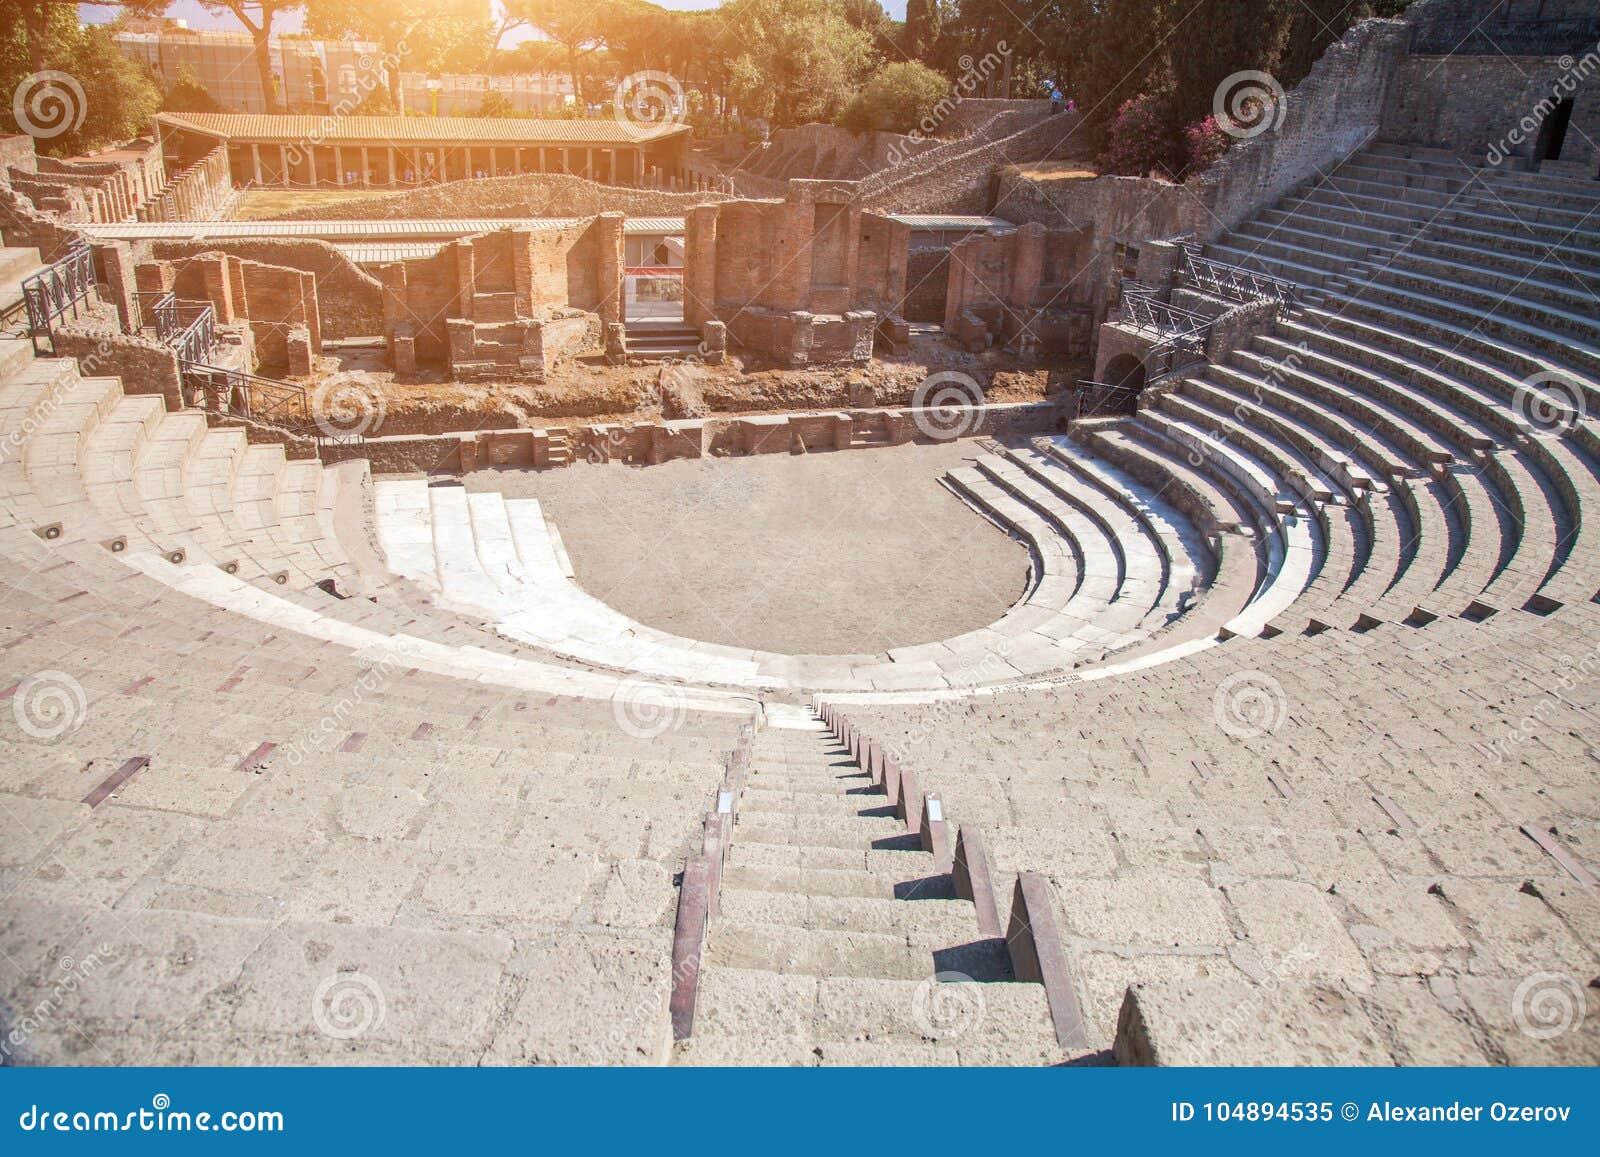 Ruinen eines kleinen Amphitheaters in Pompeji